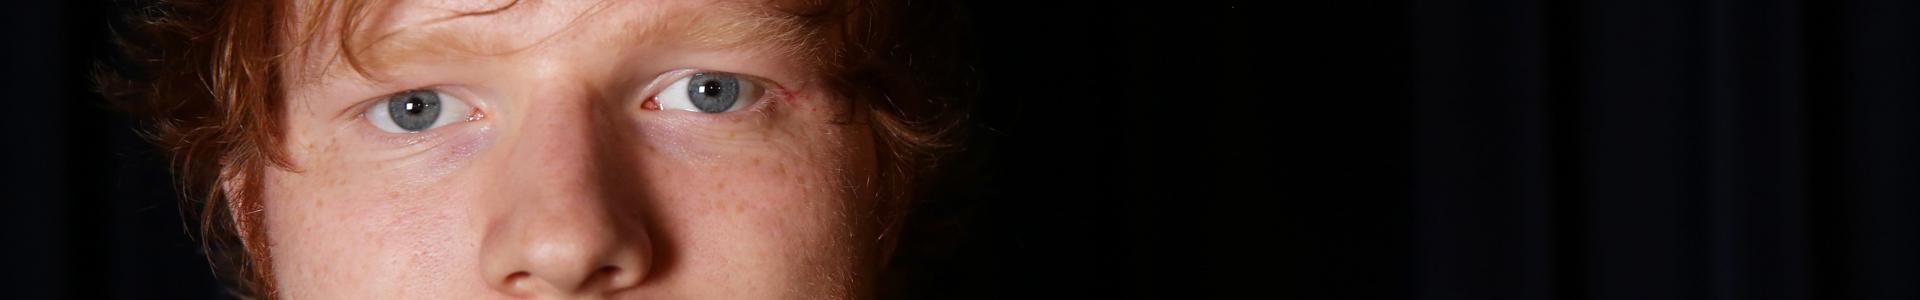 Ed Sheeran - sheet music and tabs